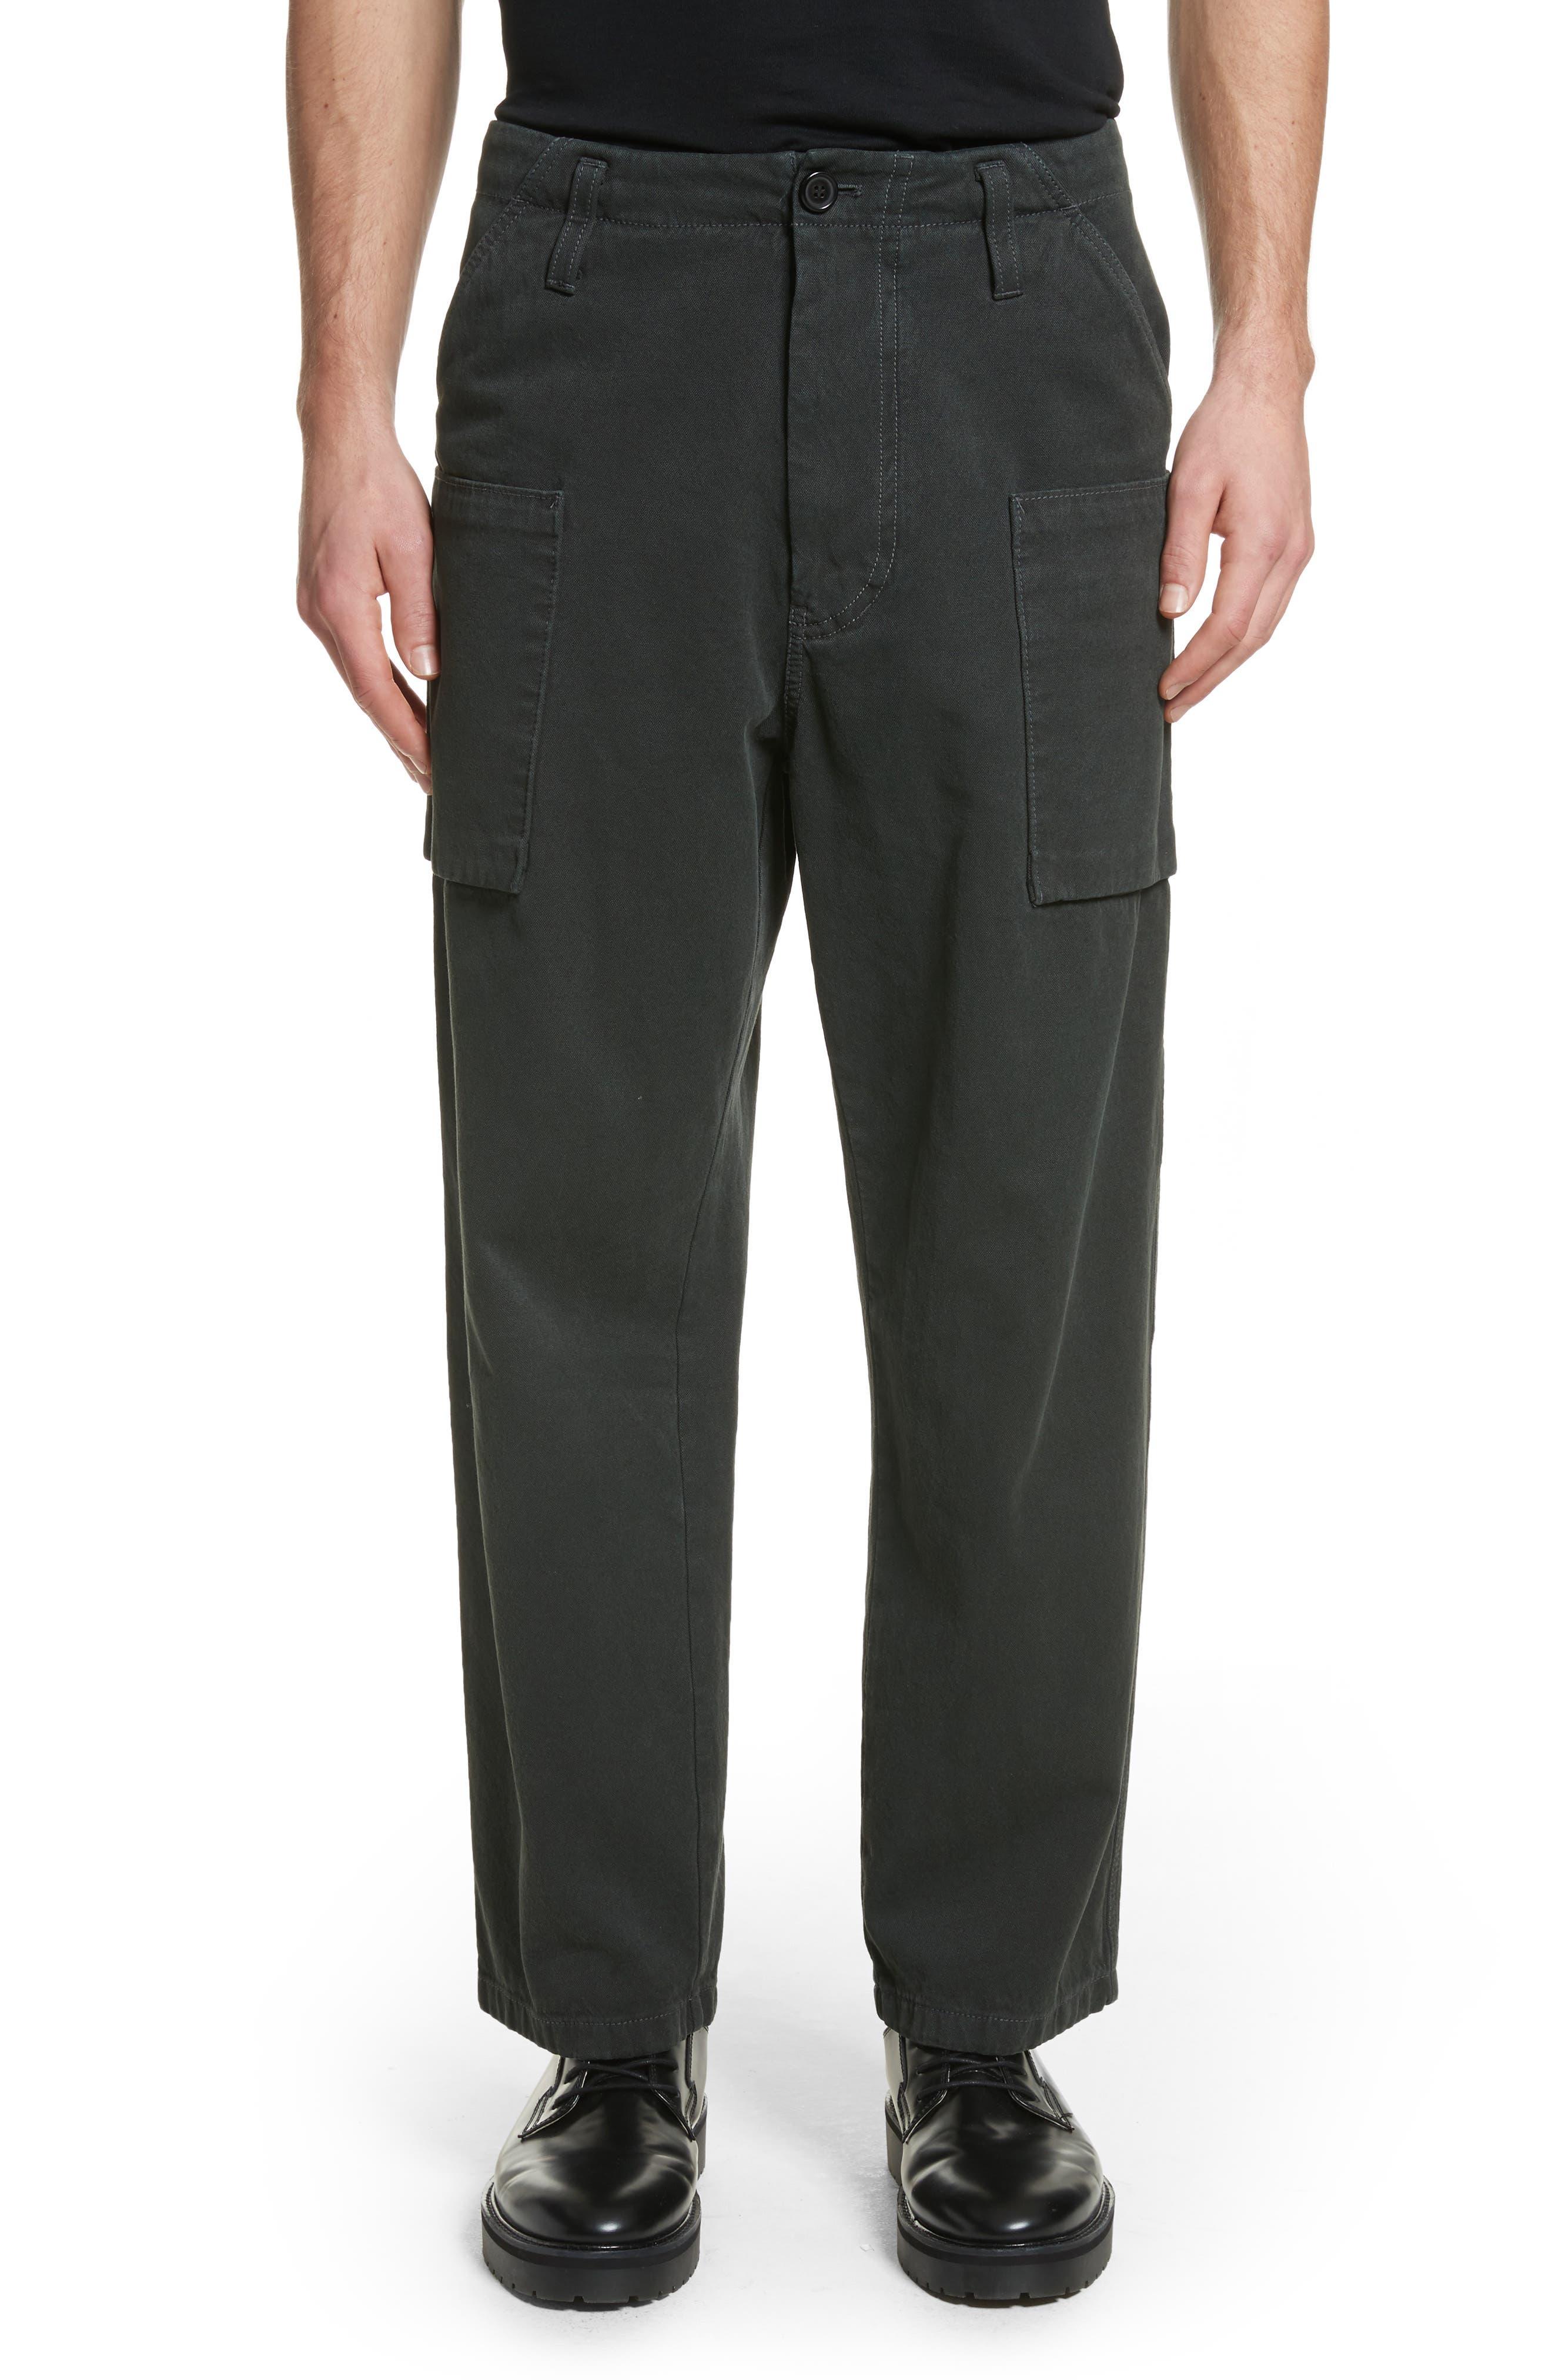 Anselm Wide Leg Patch Cargo Pants,                         Main,                         color, 010